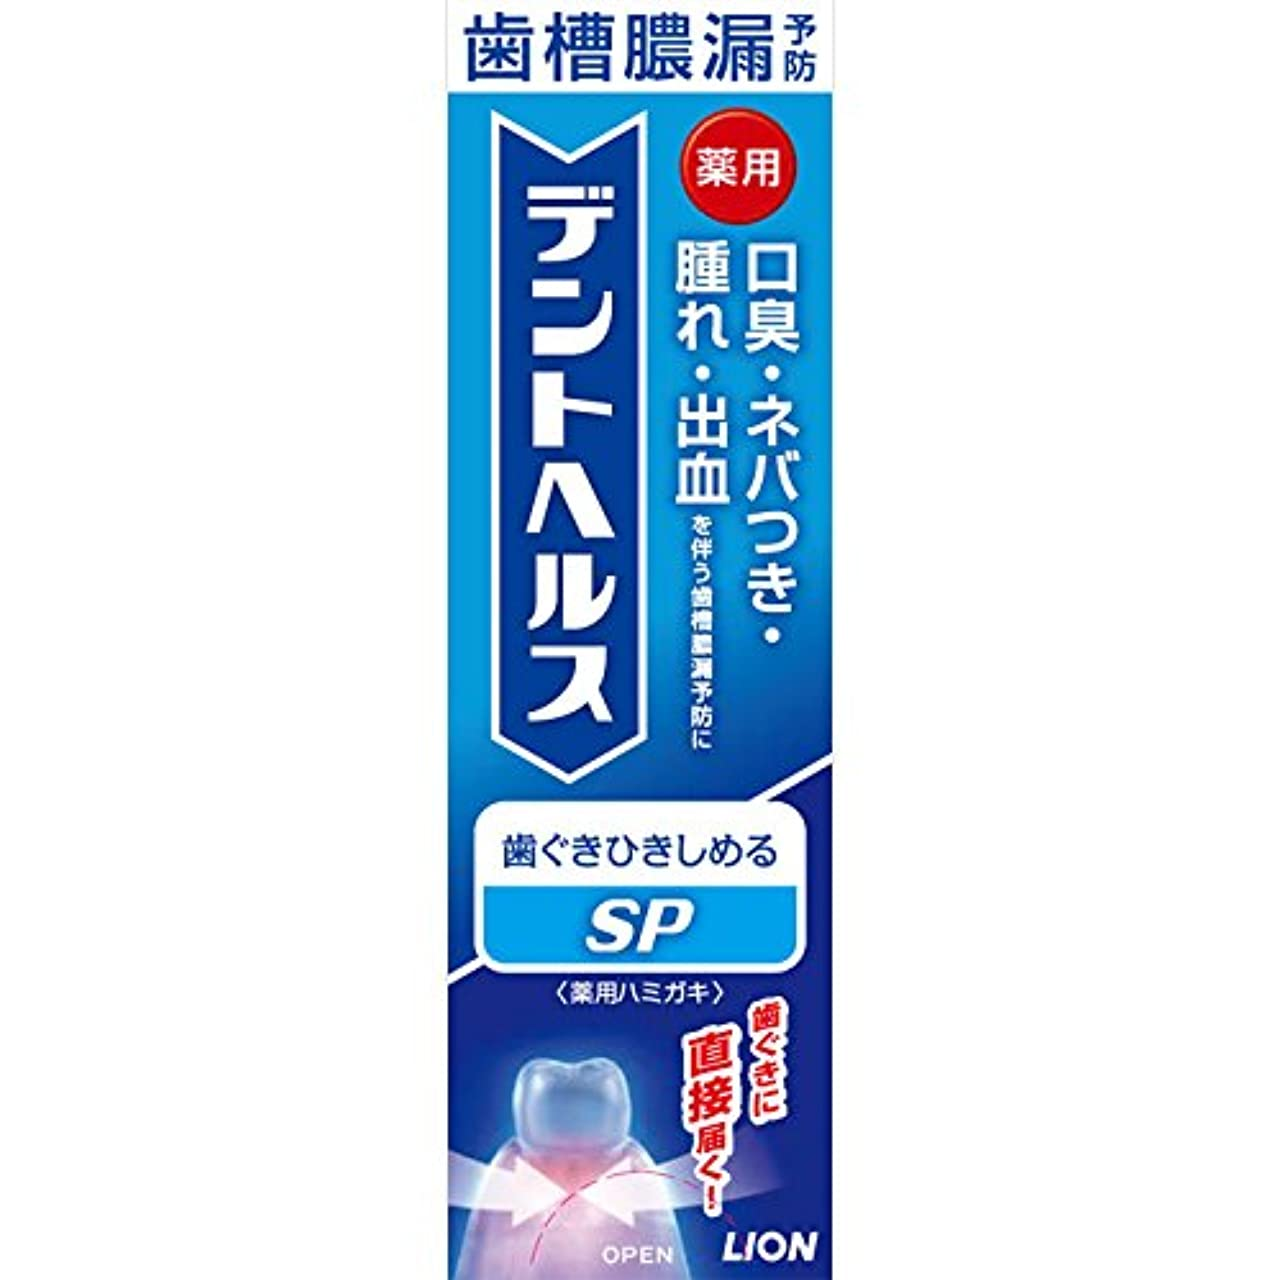 足枷抑圧オペレーターデントヘルス薬用ハミガキSPメディカルハーブミント90g×10個